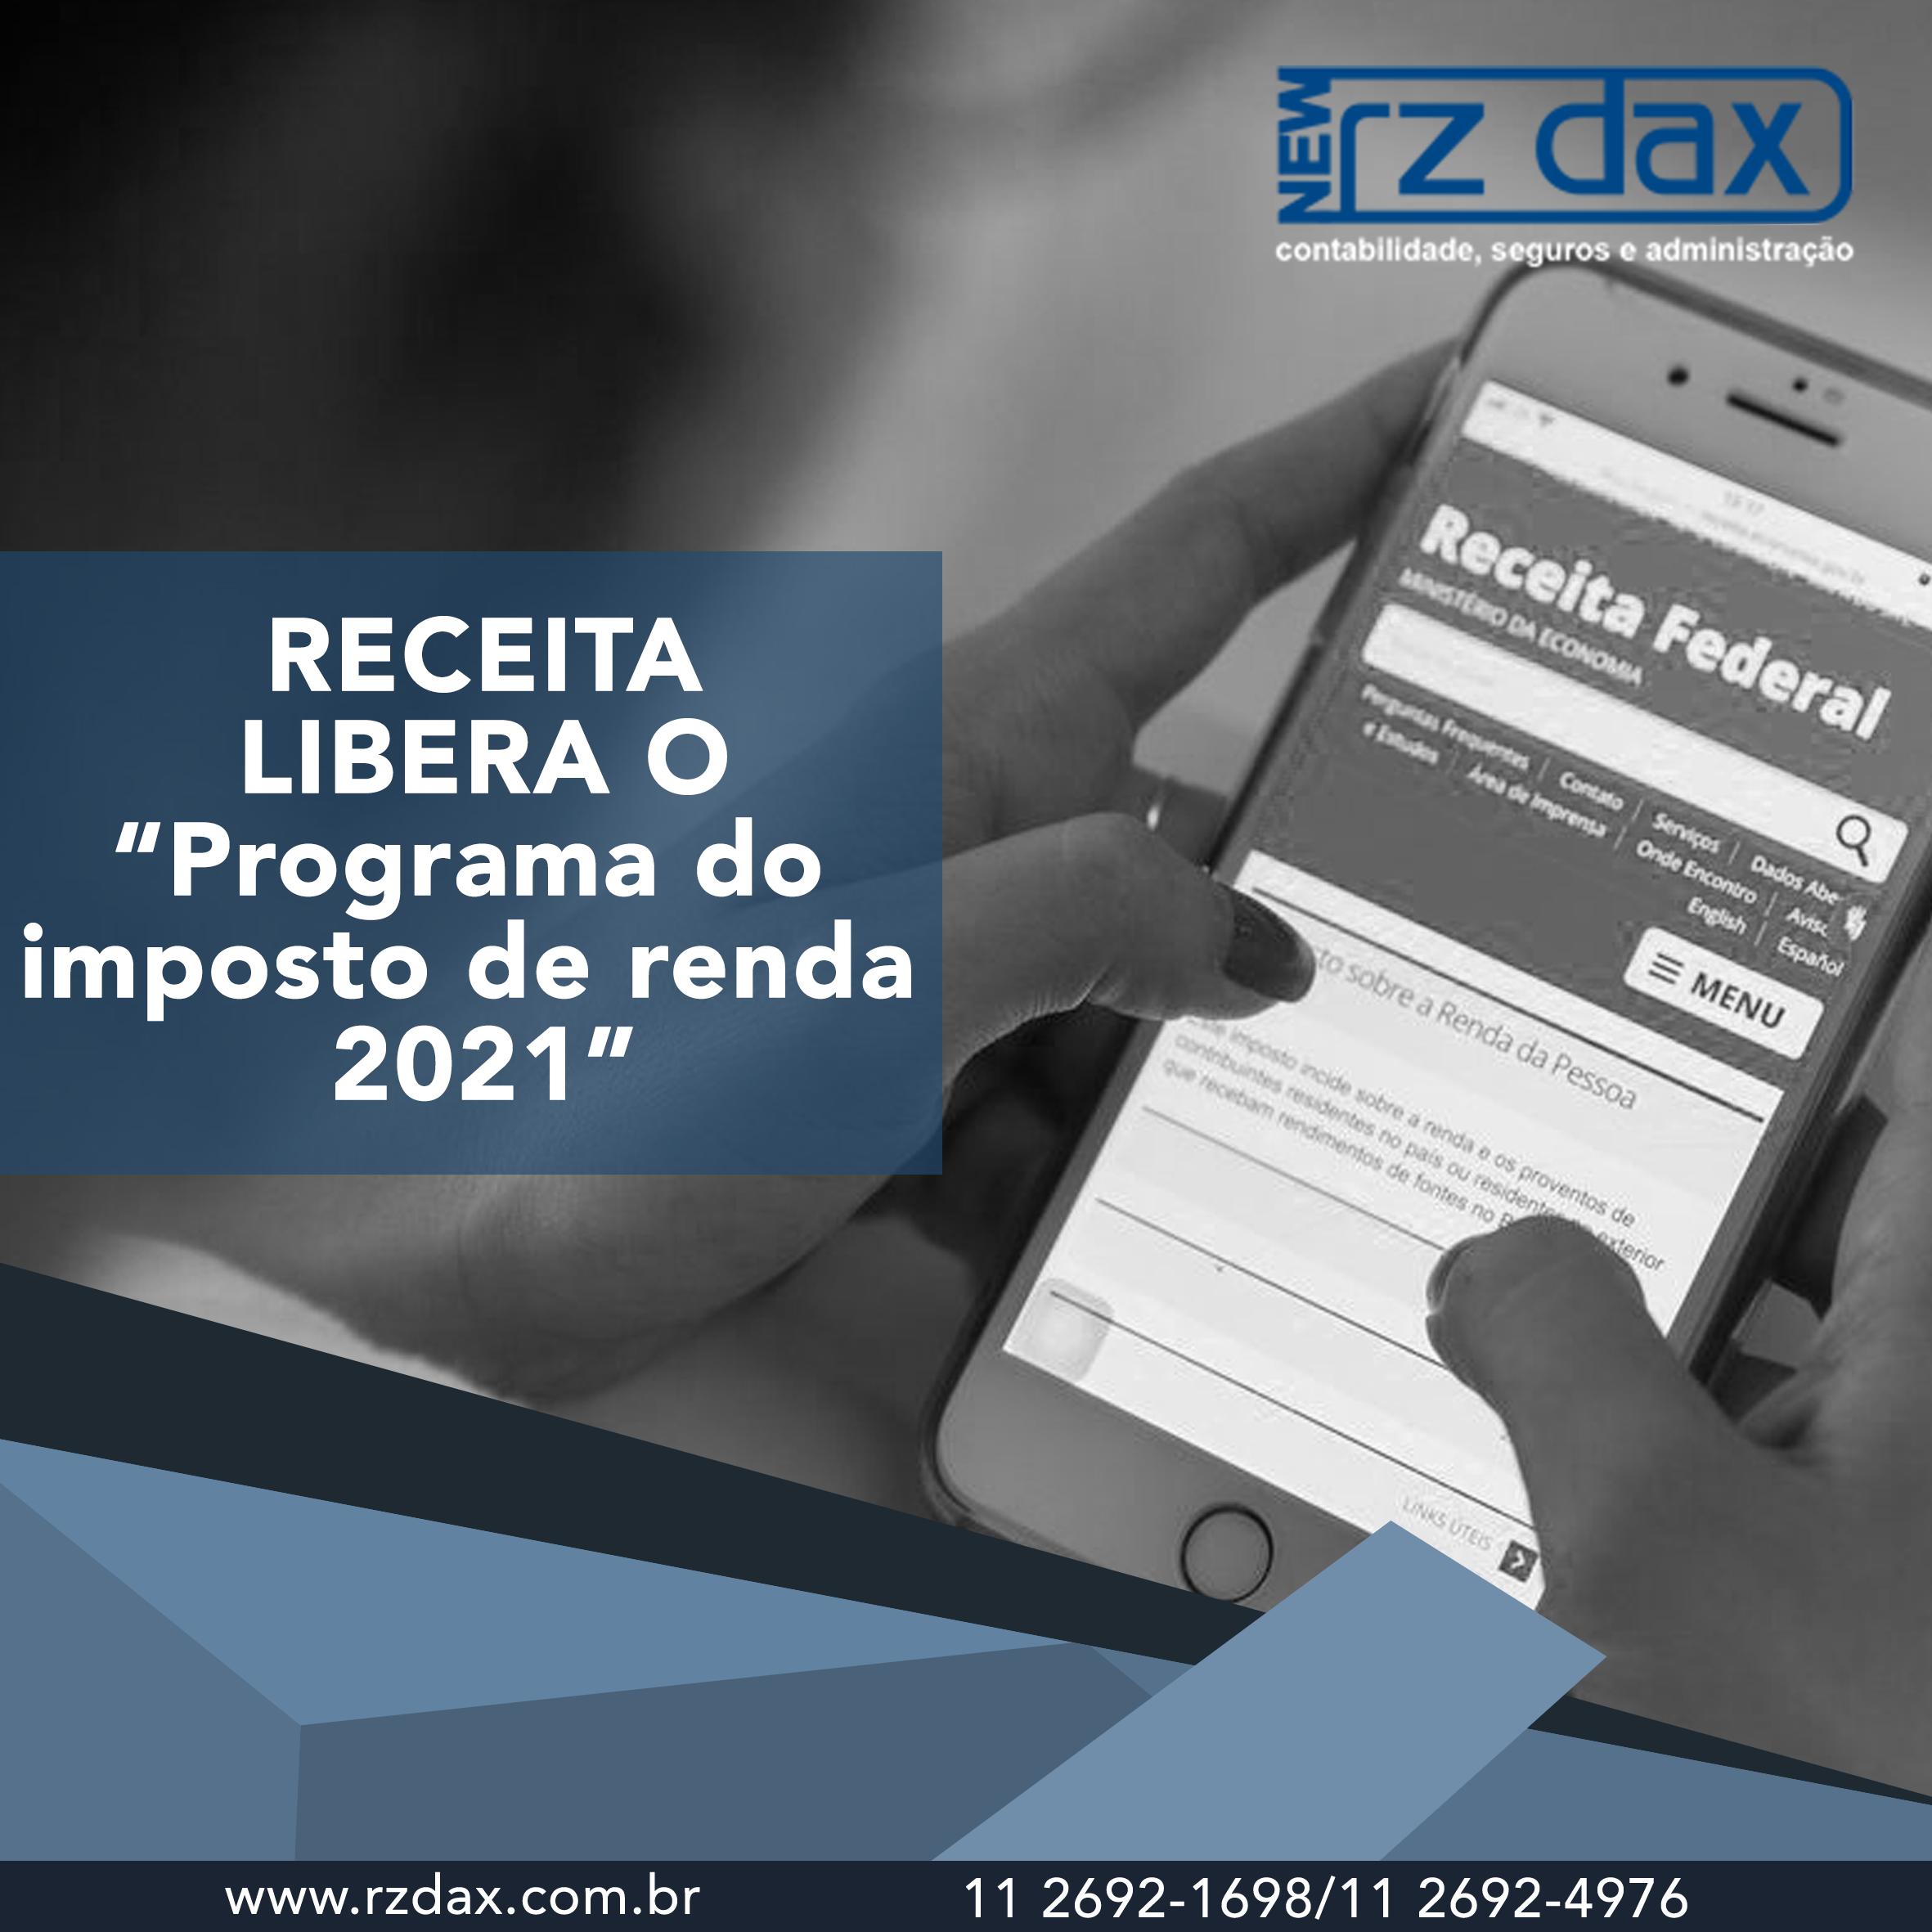 03 03 - Contabilidade E Administração Financeira Na Mooca | RZ Dax